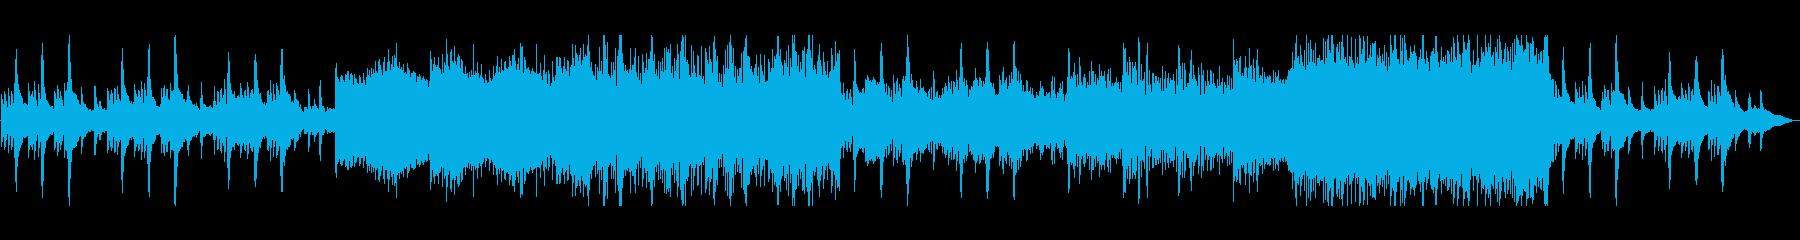 疾走感のあるピアノエレクトリック2の再生済みの波形